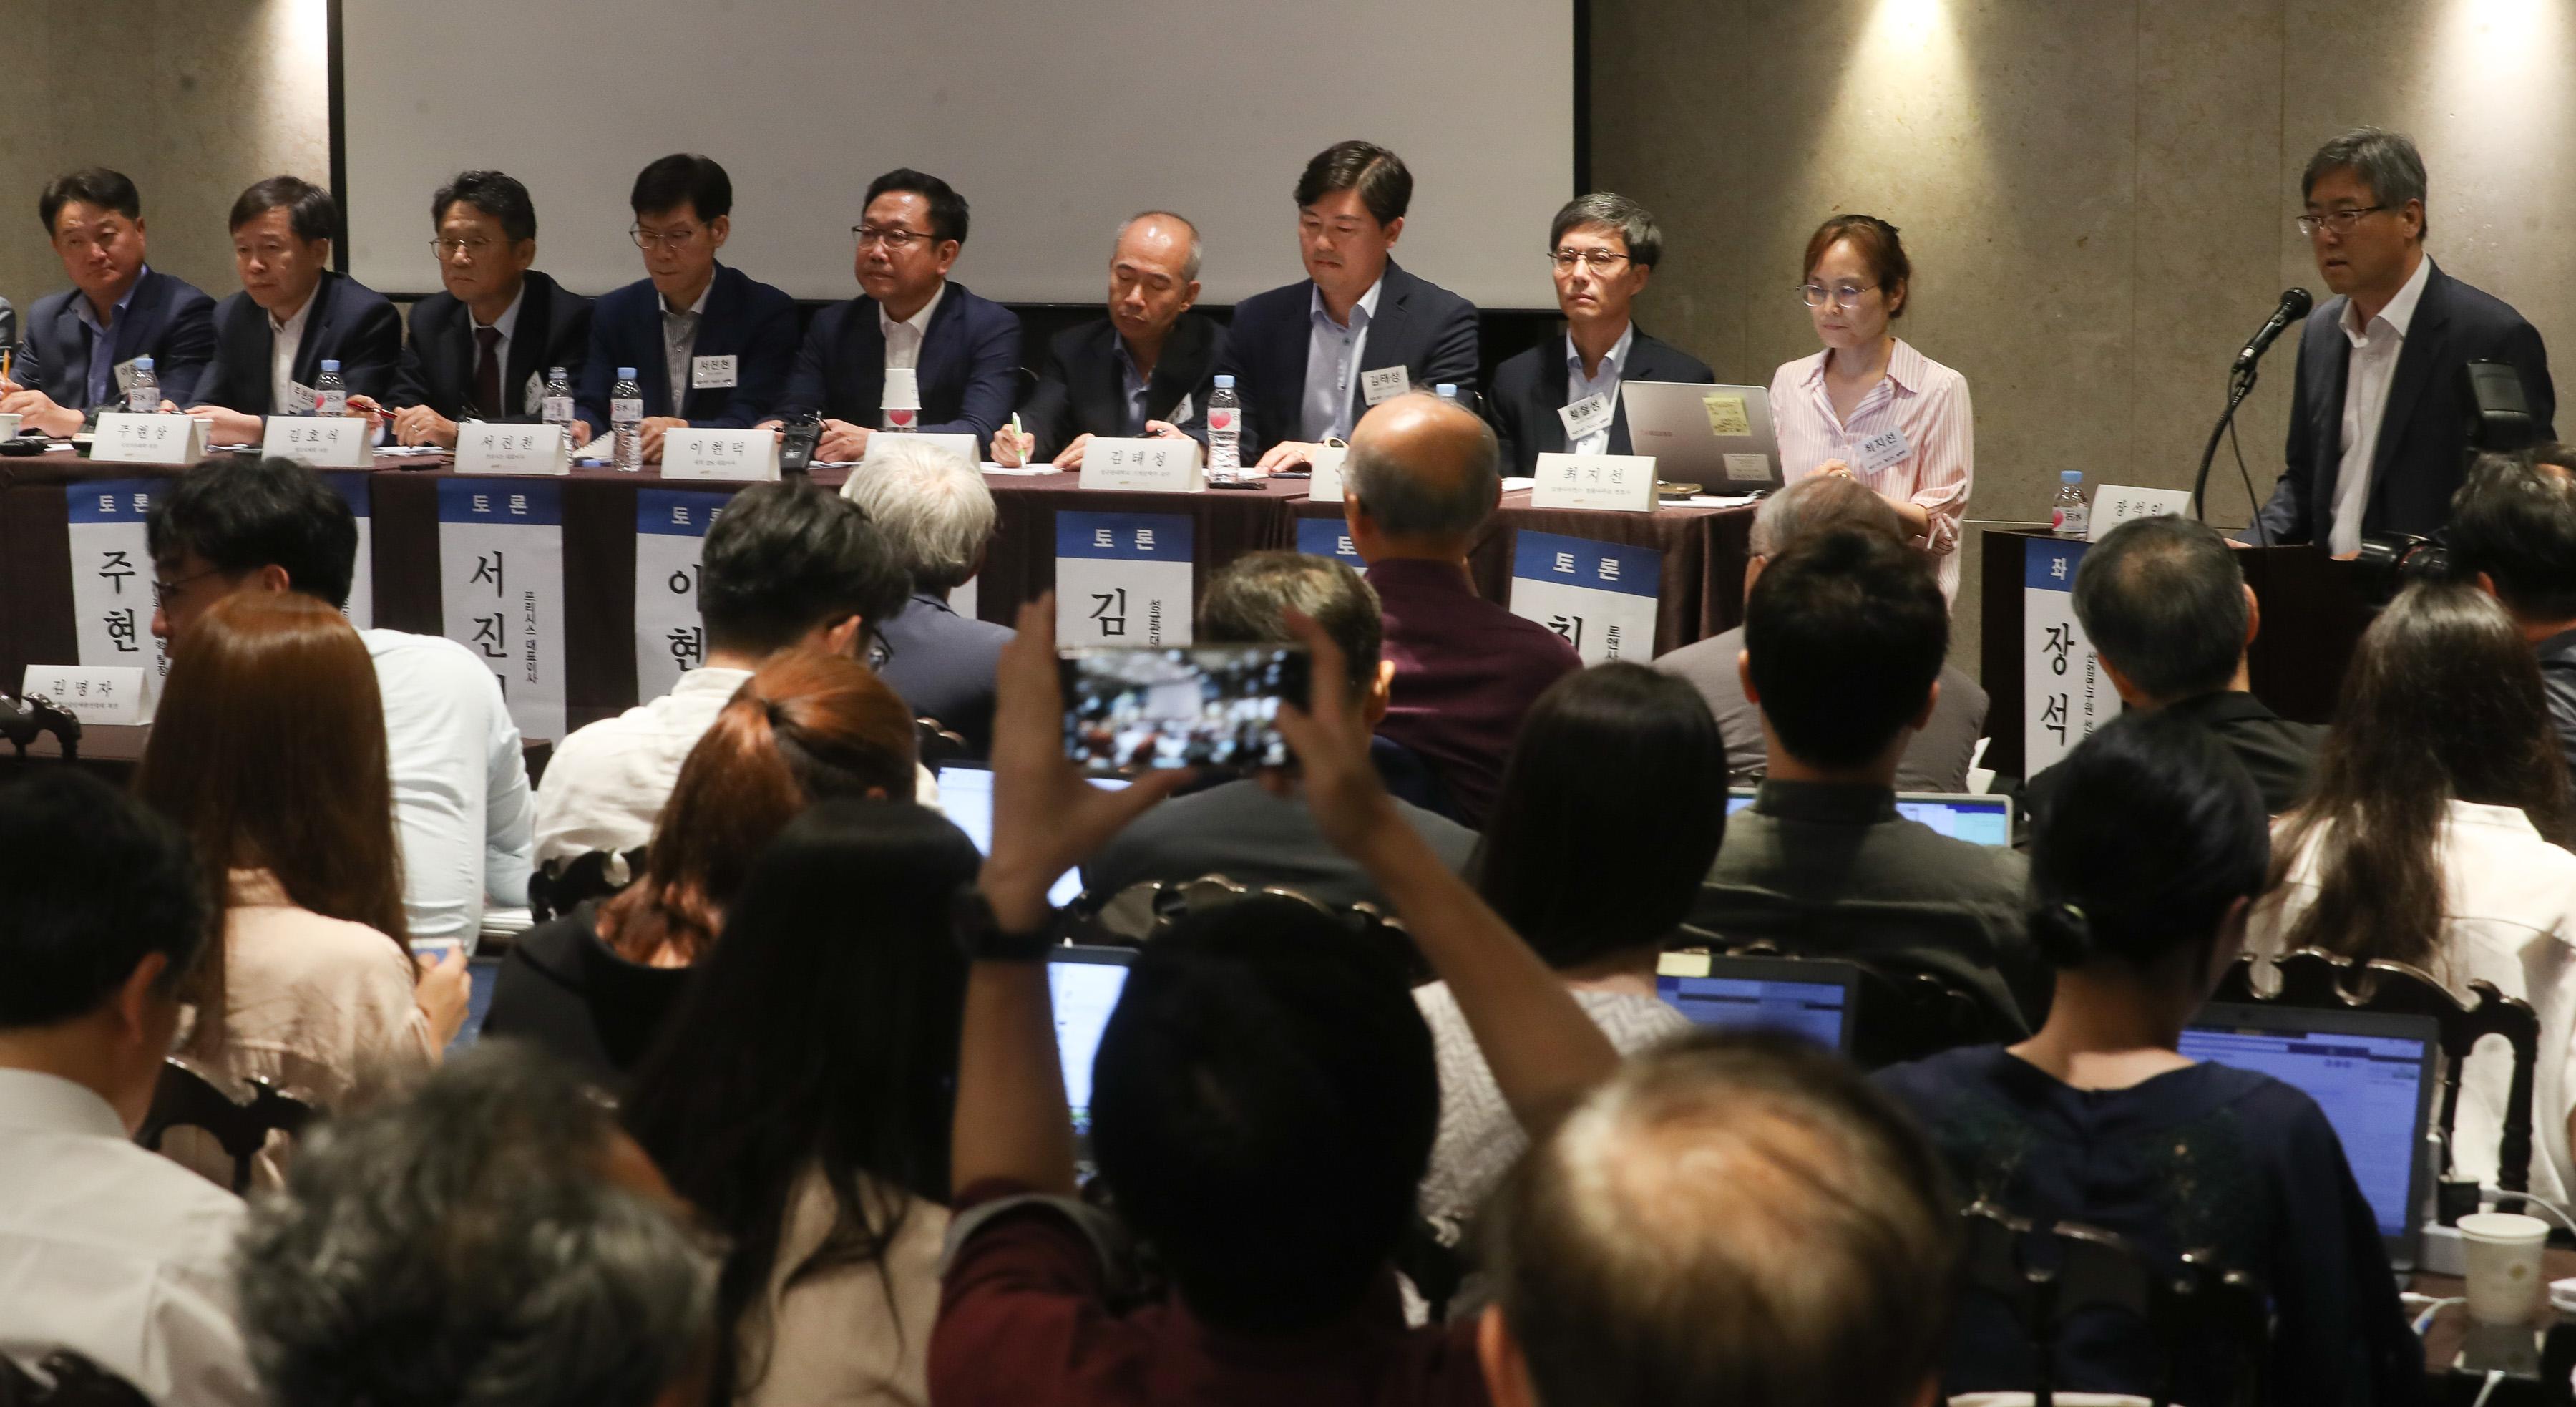 일본 반도체·디스플레이 소재 수출규제에 대한 과학기술계 대응방안 토론회에서 참석자들이 발언하고 있다. 연합뉴스 제공